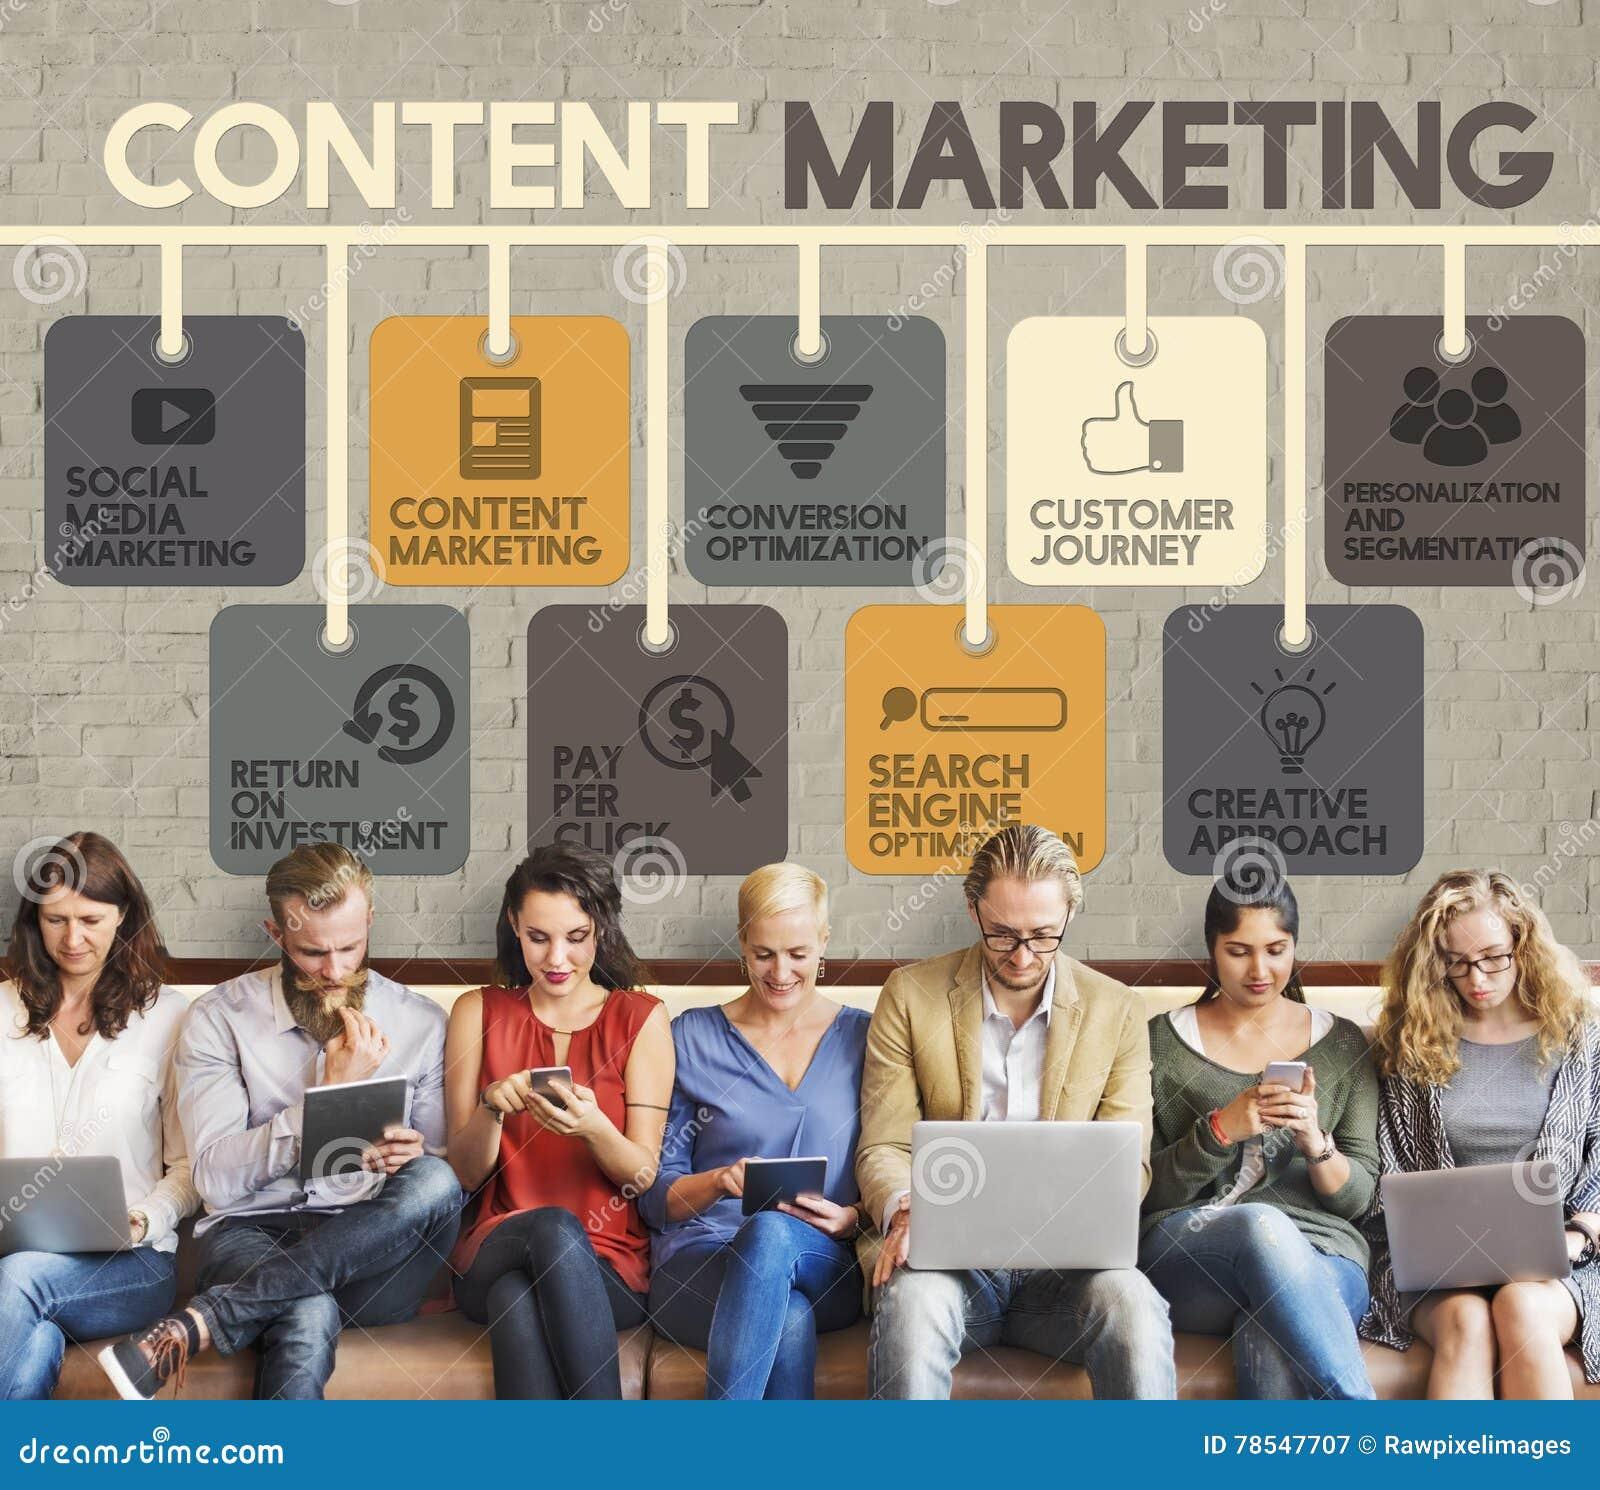 Den nöjda marknadsföringsbloggmarknadsföringen annonserar begrepp